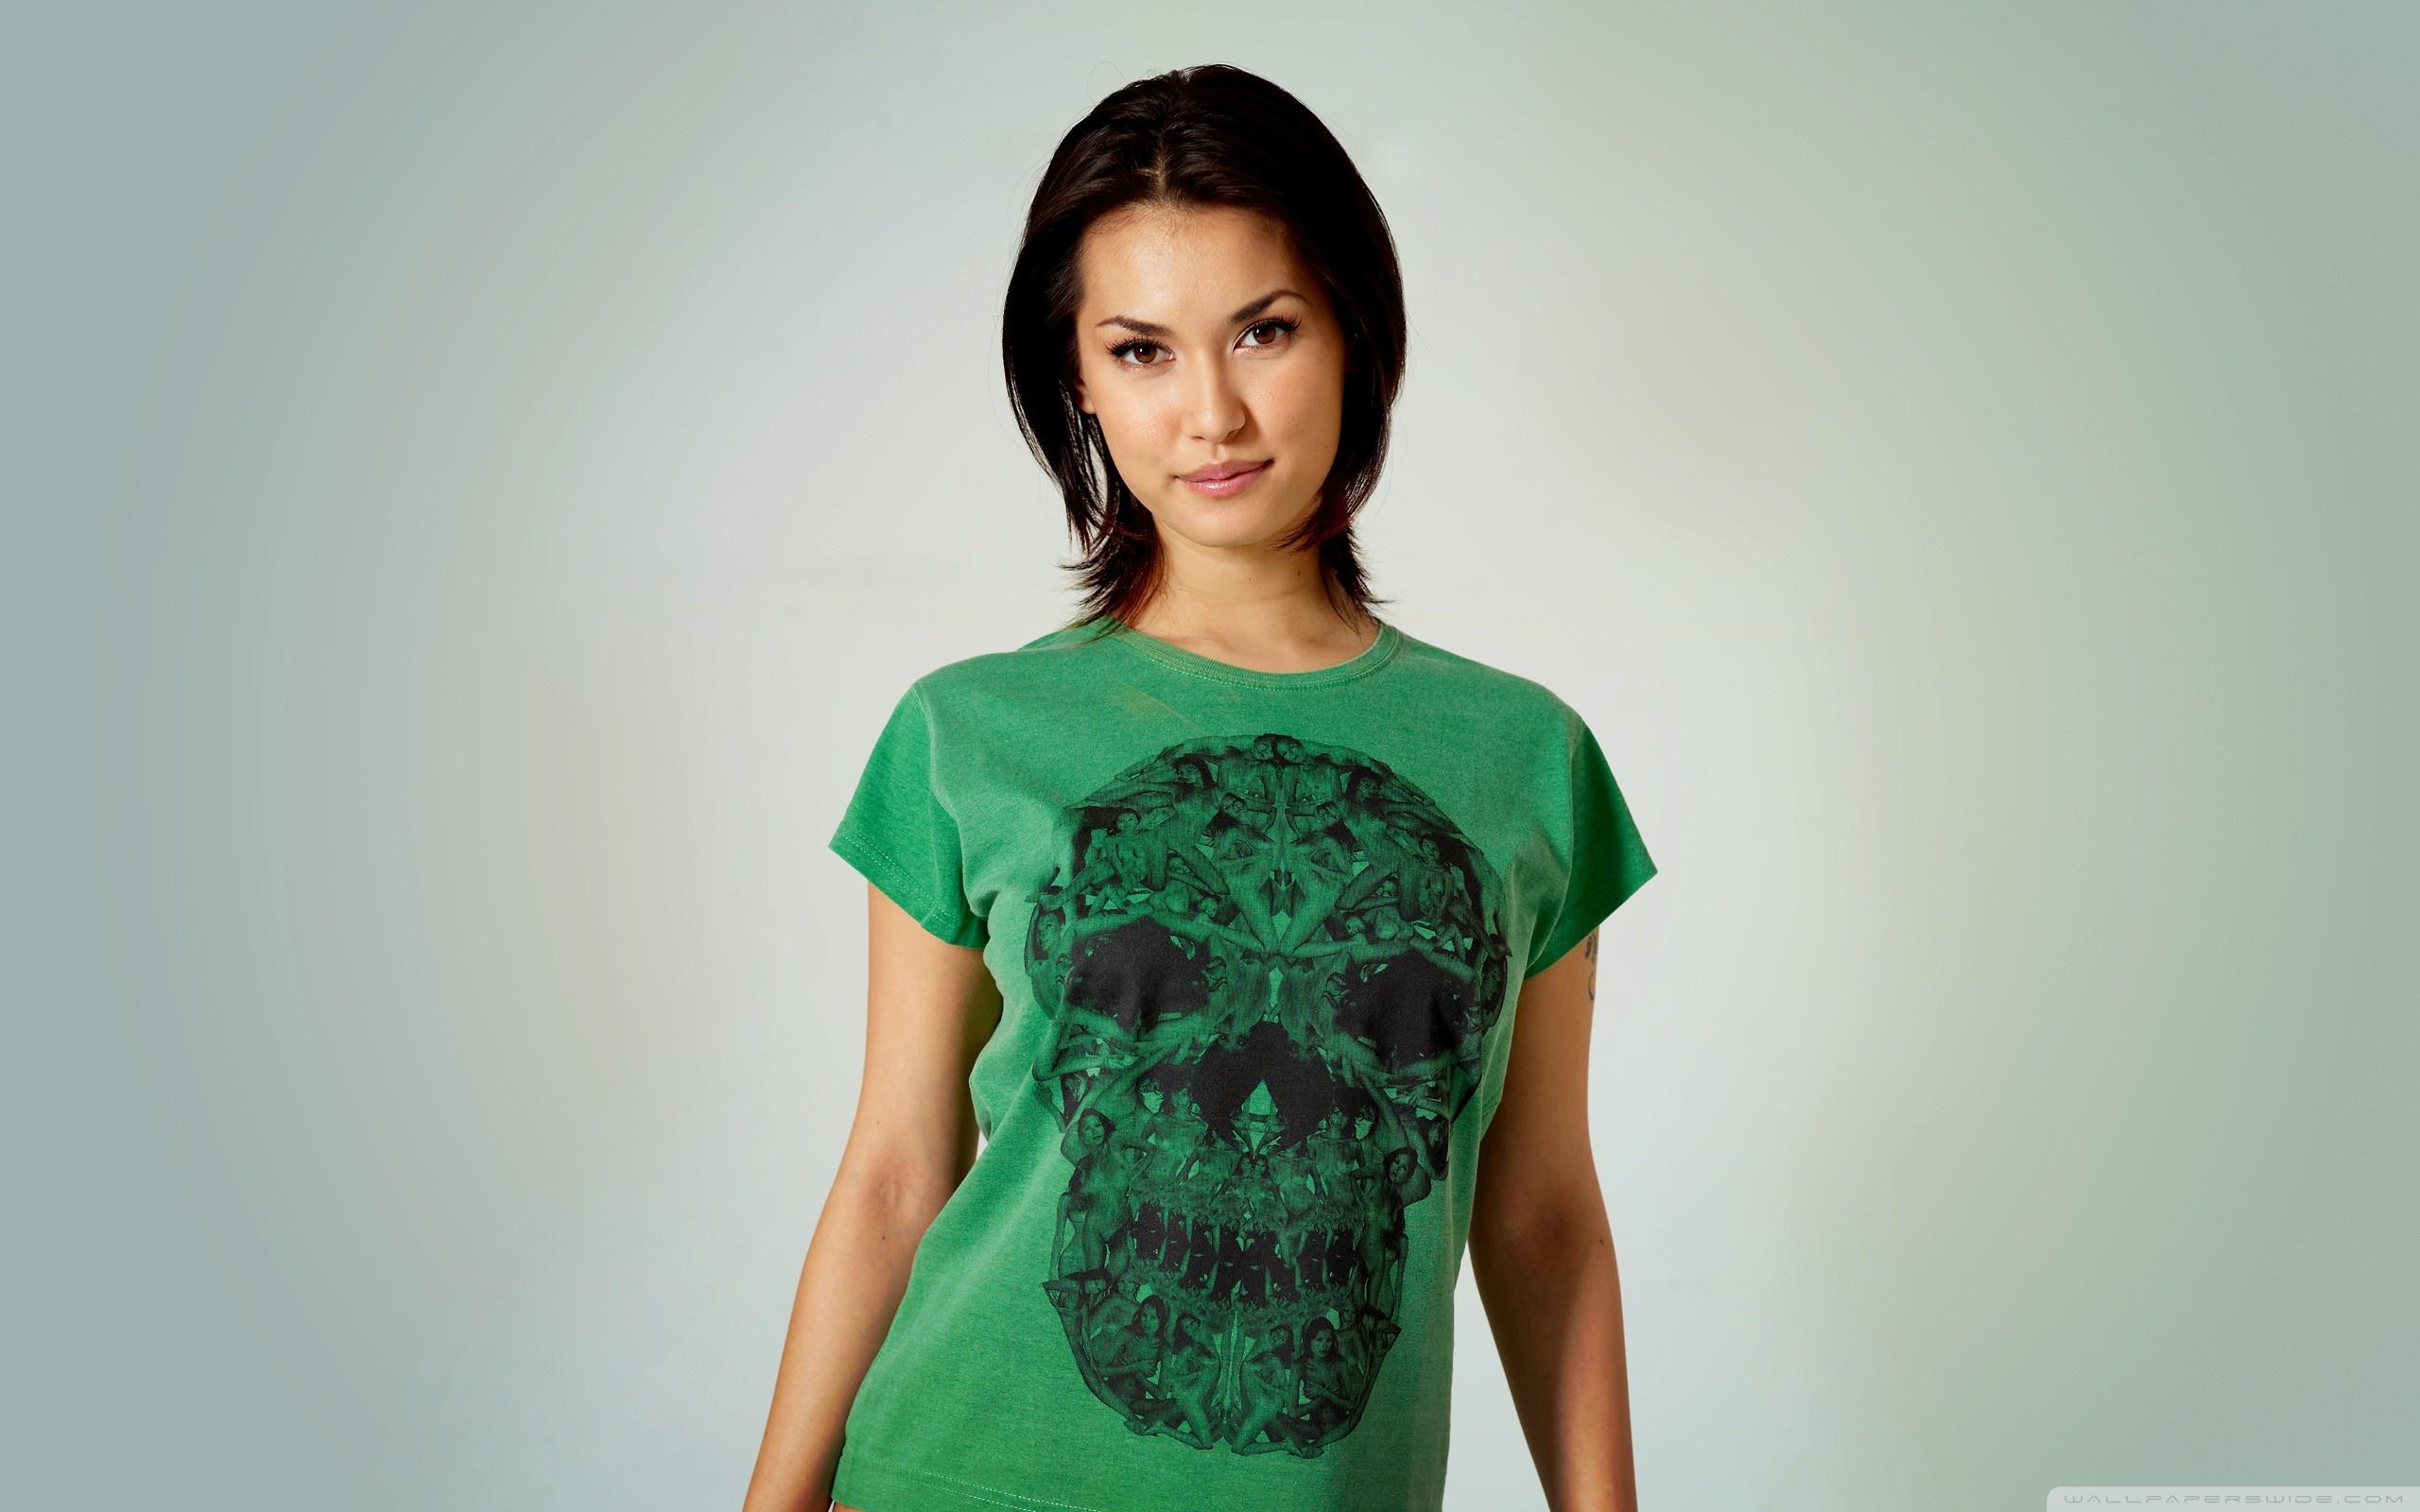 Download Free WallpaperGirl   Green Shirt